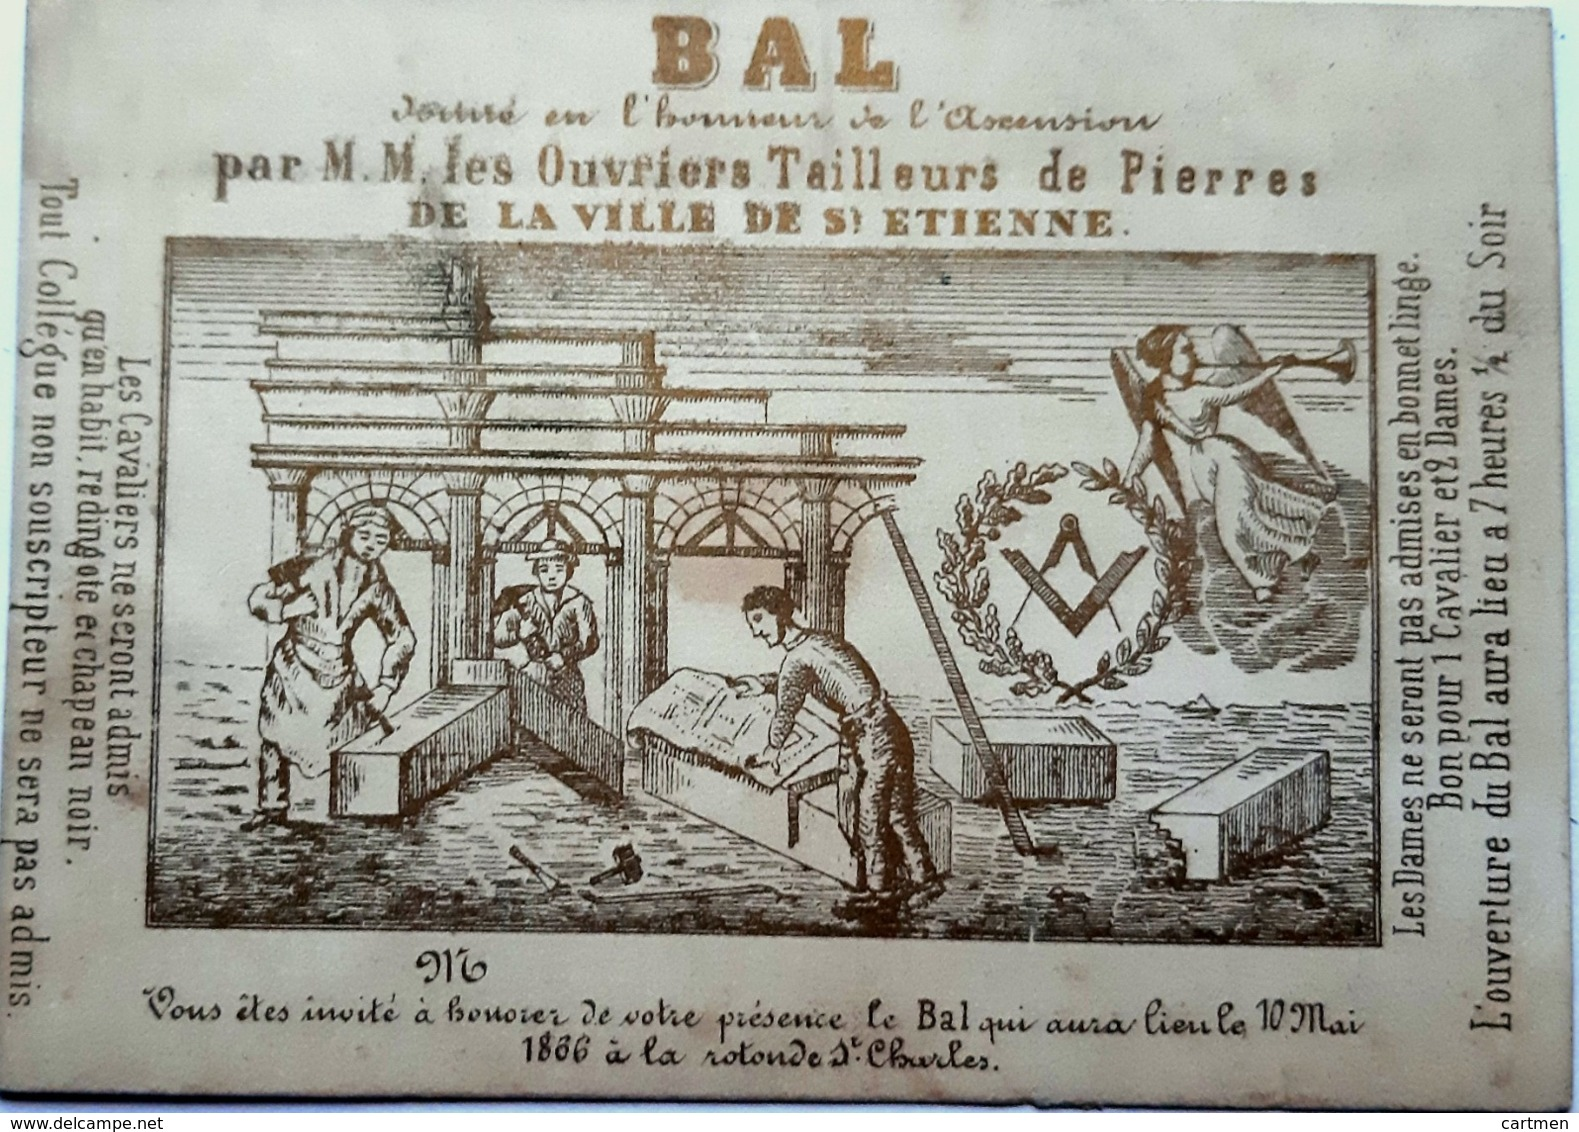 42 SAINT ETIENNE FRANC MACONNERIE COMPAGNONS OUVRIERS TAILLEURS DE PIERRES INVITATION AU BAL ROTONDE 1866 - Documents Historiques